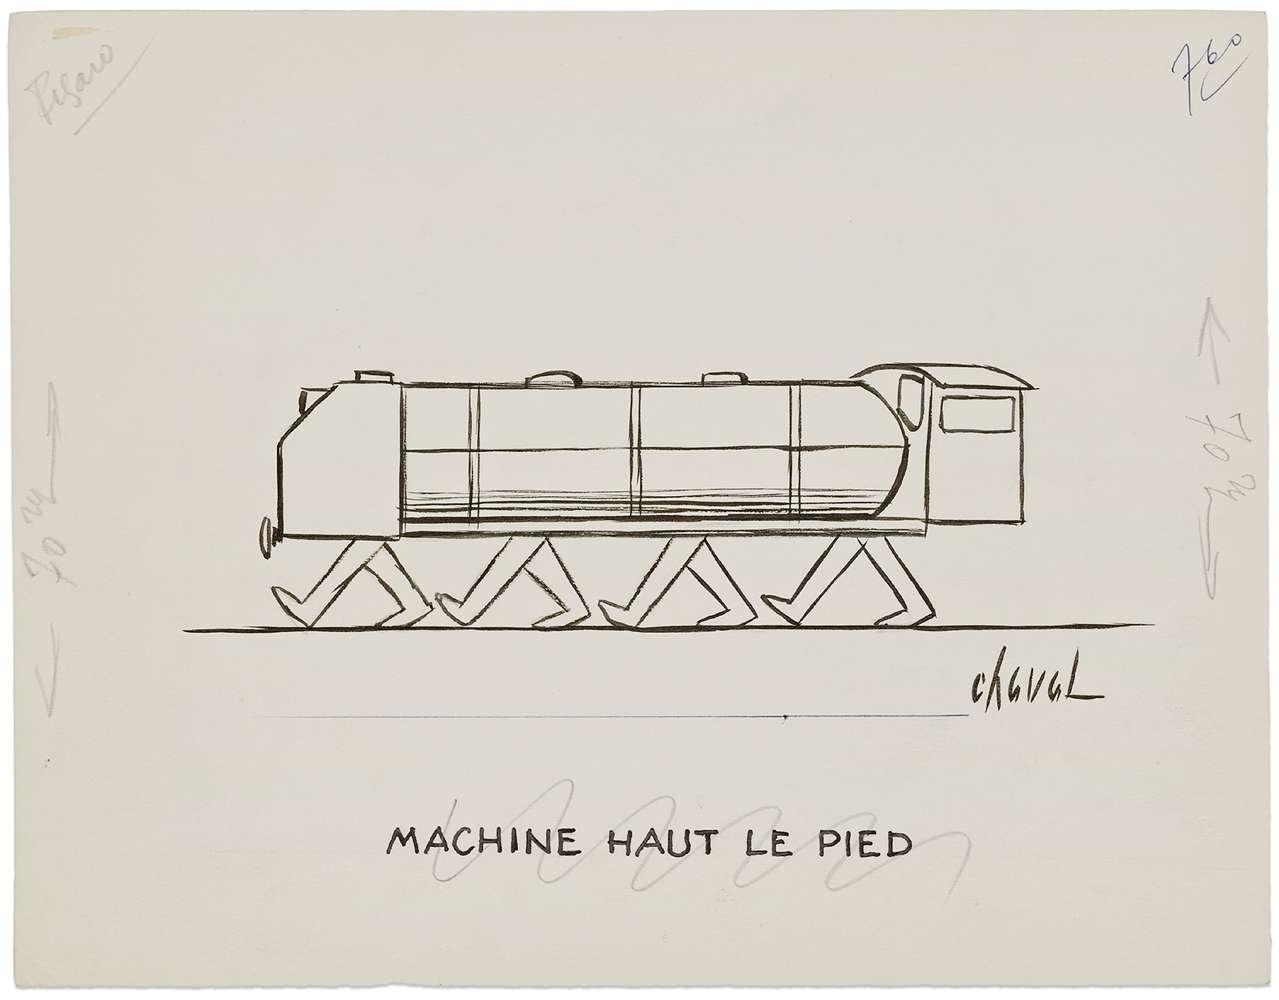 Chaval, Machine Haut Le Pied,  Encre et mine de plomb sur papier25 x 32.5 cm / 9 7/8 x 12 6/8 inches